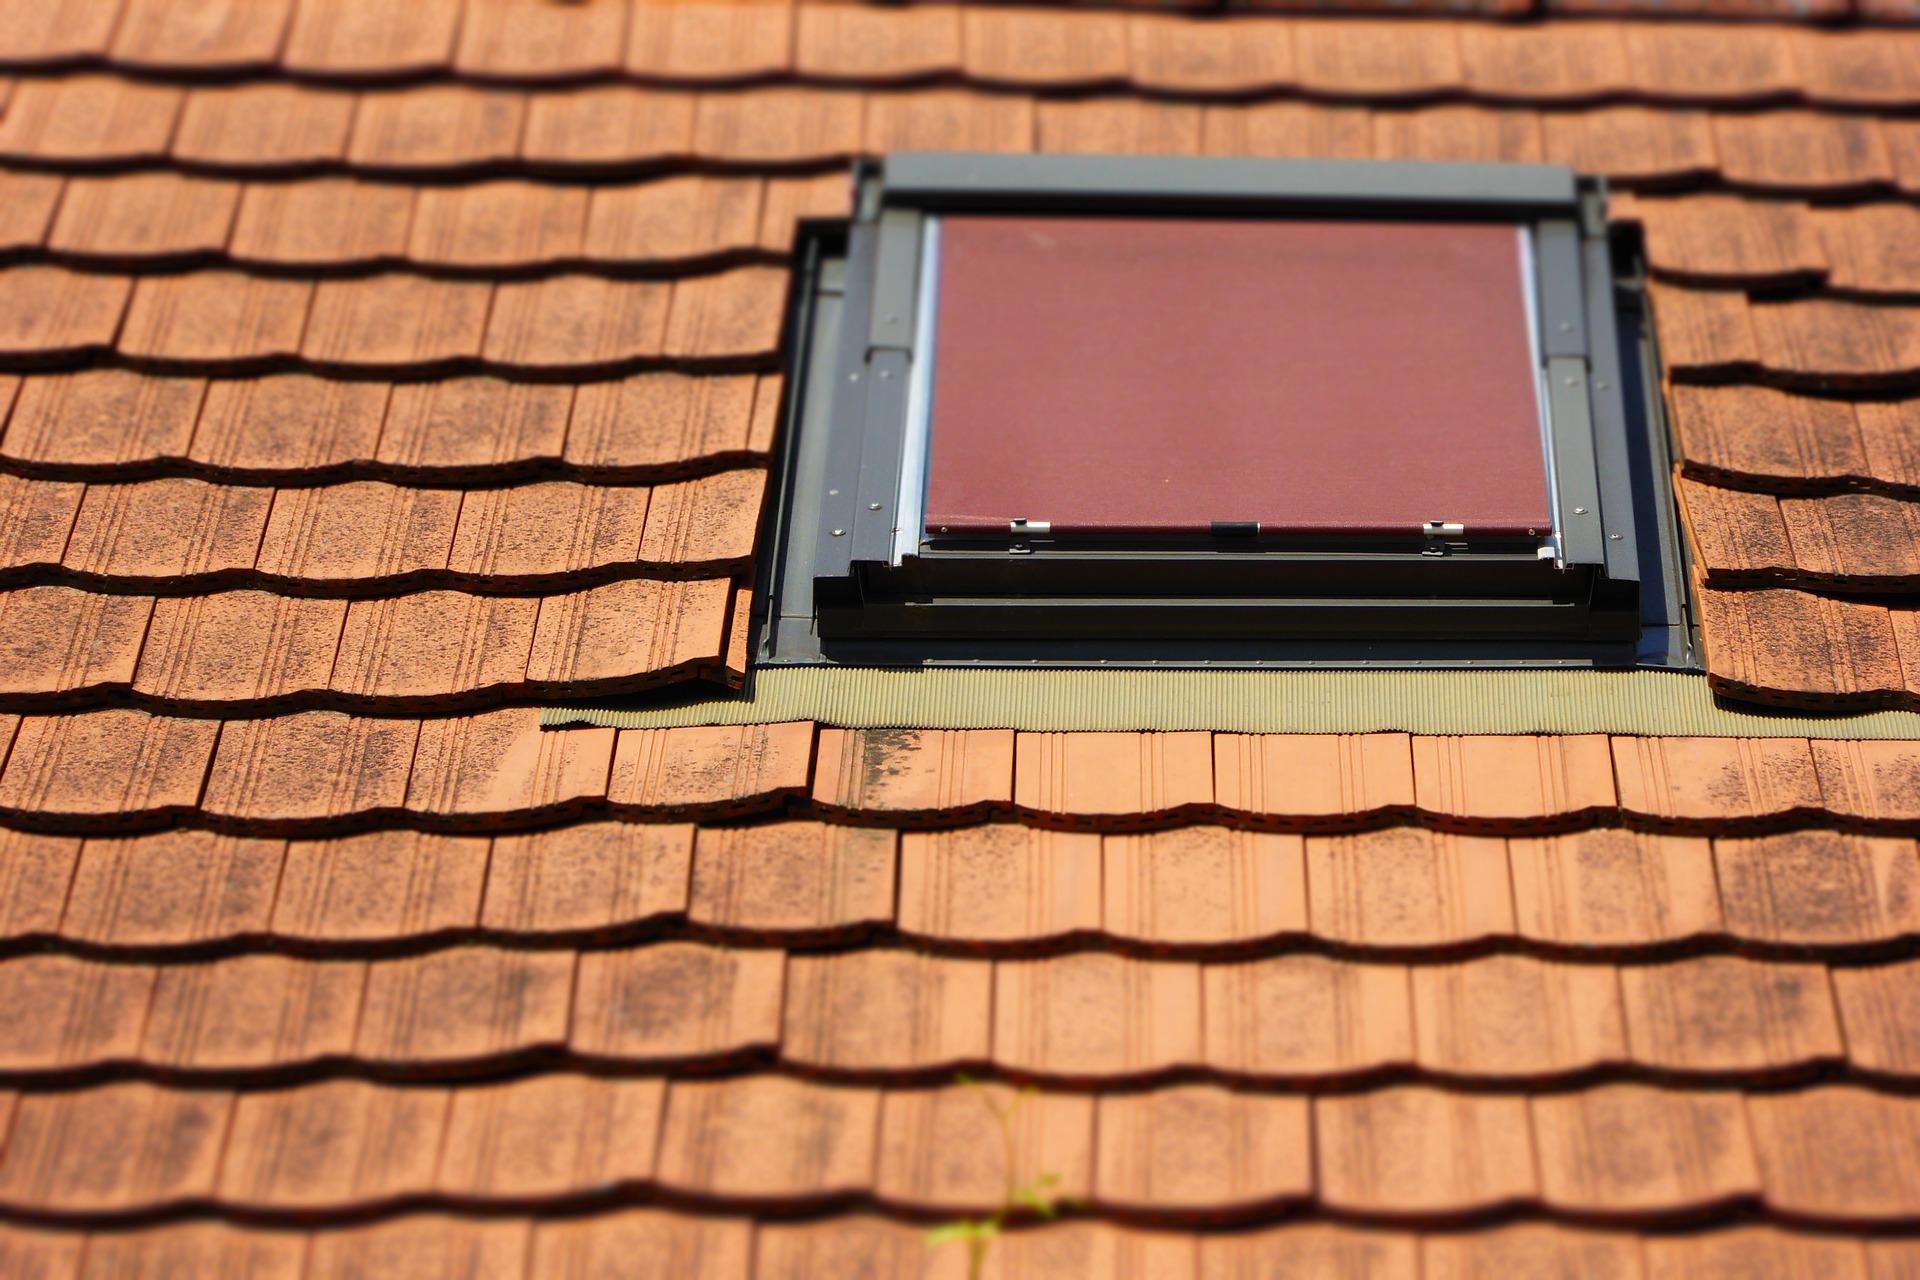 dachfenster im gartenhaus einbauen - so muss das!